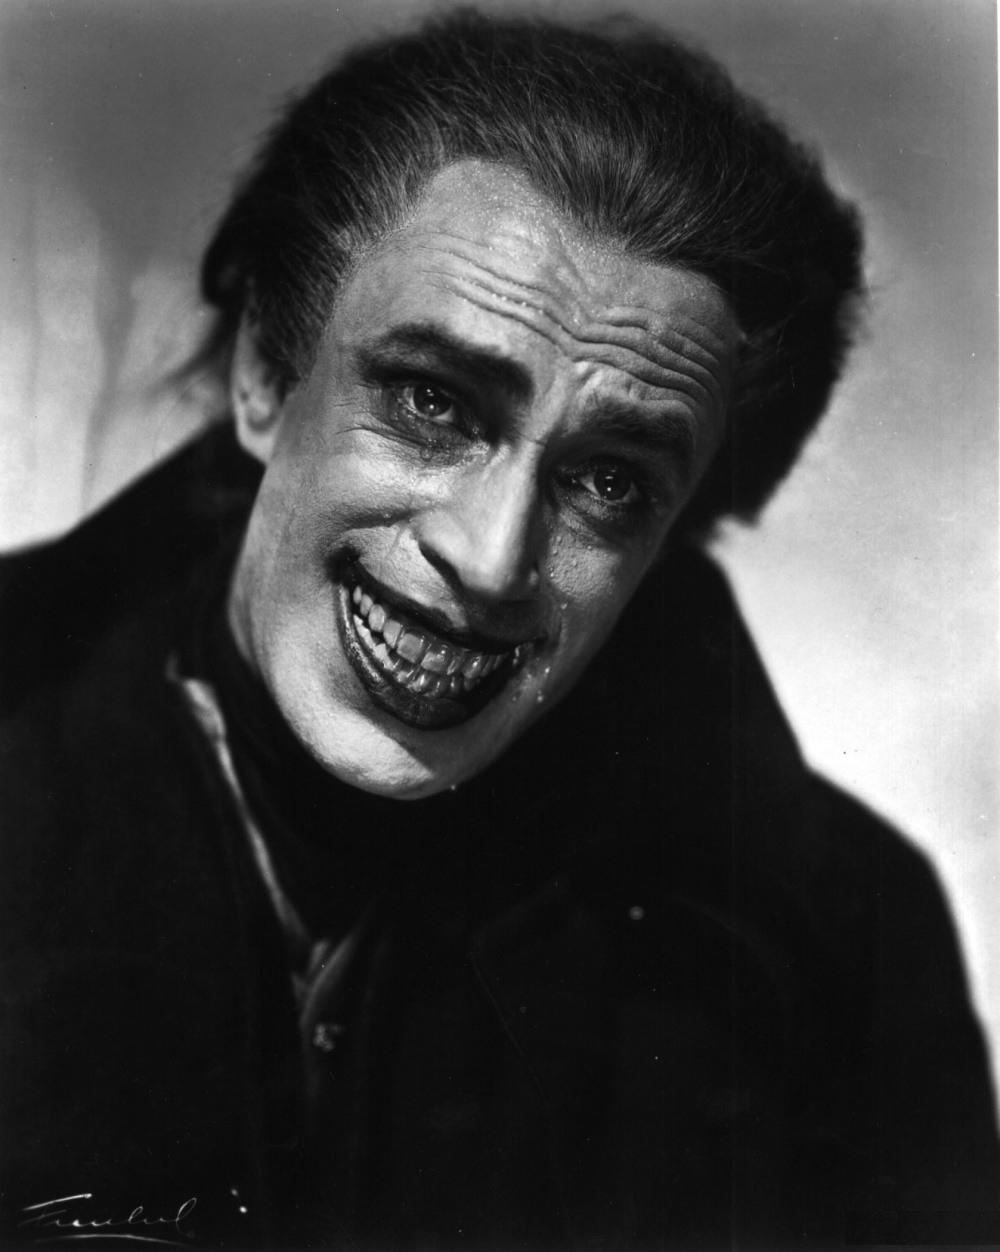 Конрад Фейдт в роли Гуинплена в фильме Человек, Который Смеётся (1928)